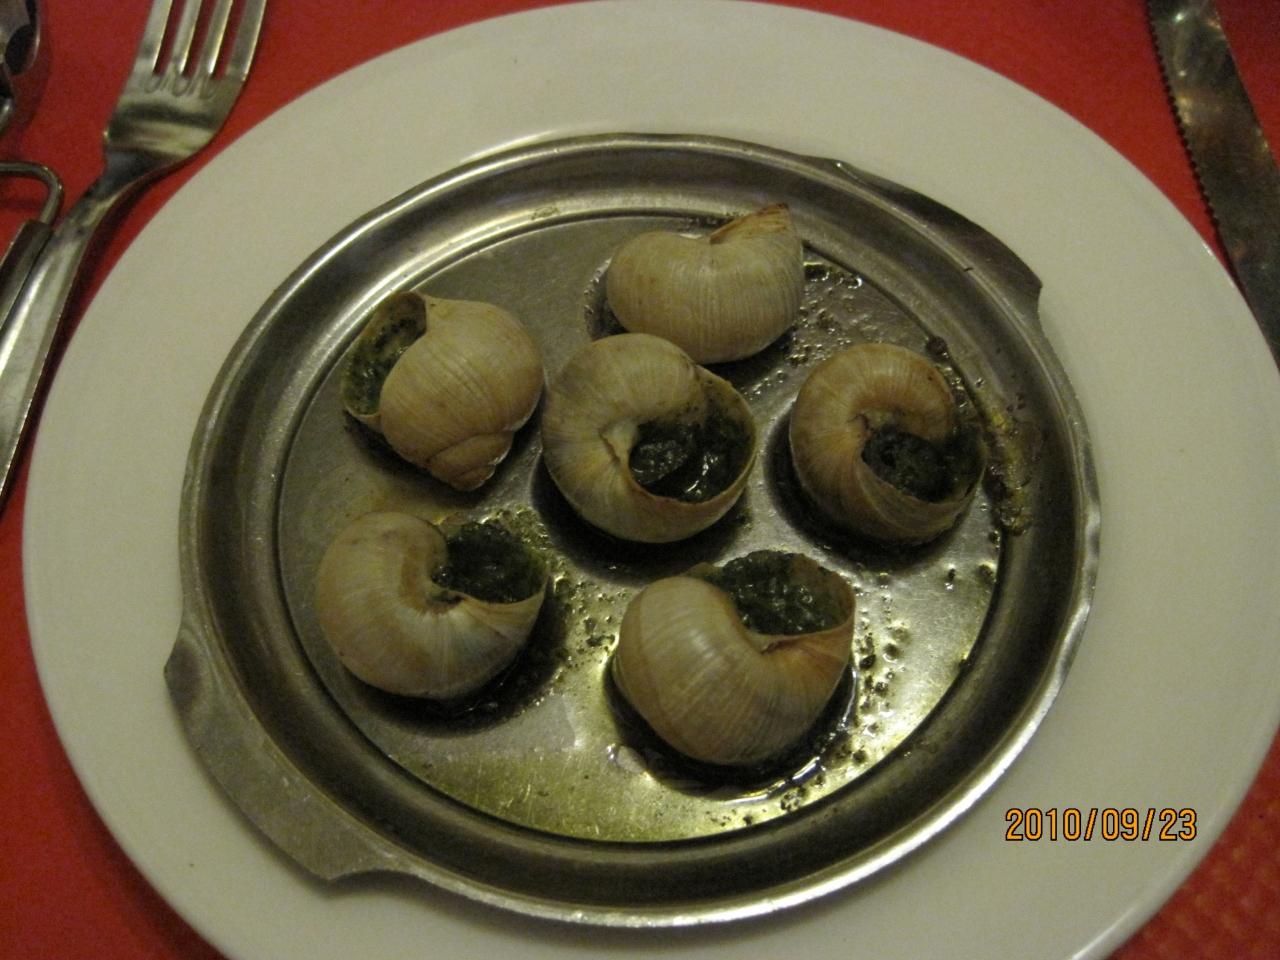 ツァーで巡るフランス旅行《食べ物》